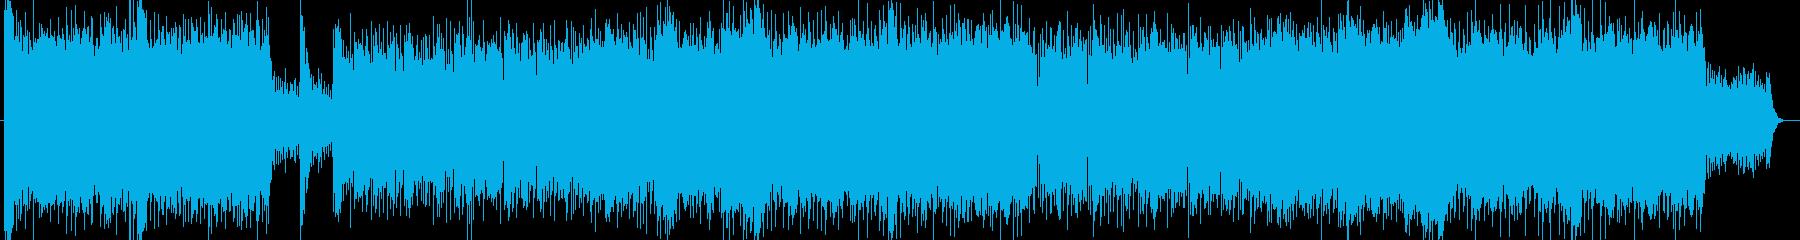 シリアスとドキドキ感シンセギターサウンドの再生済みの波形